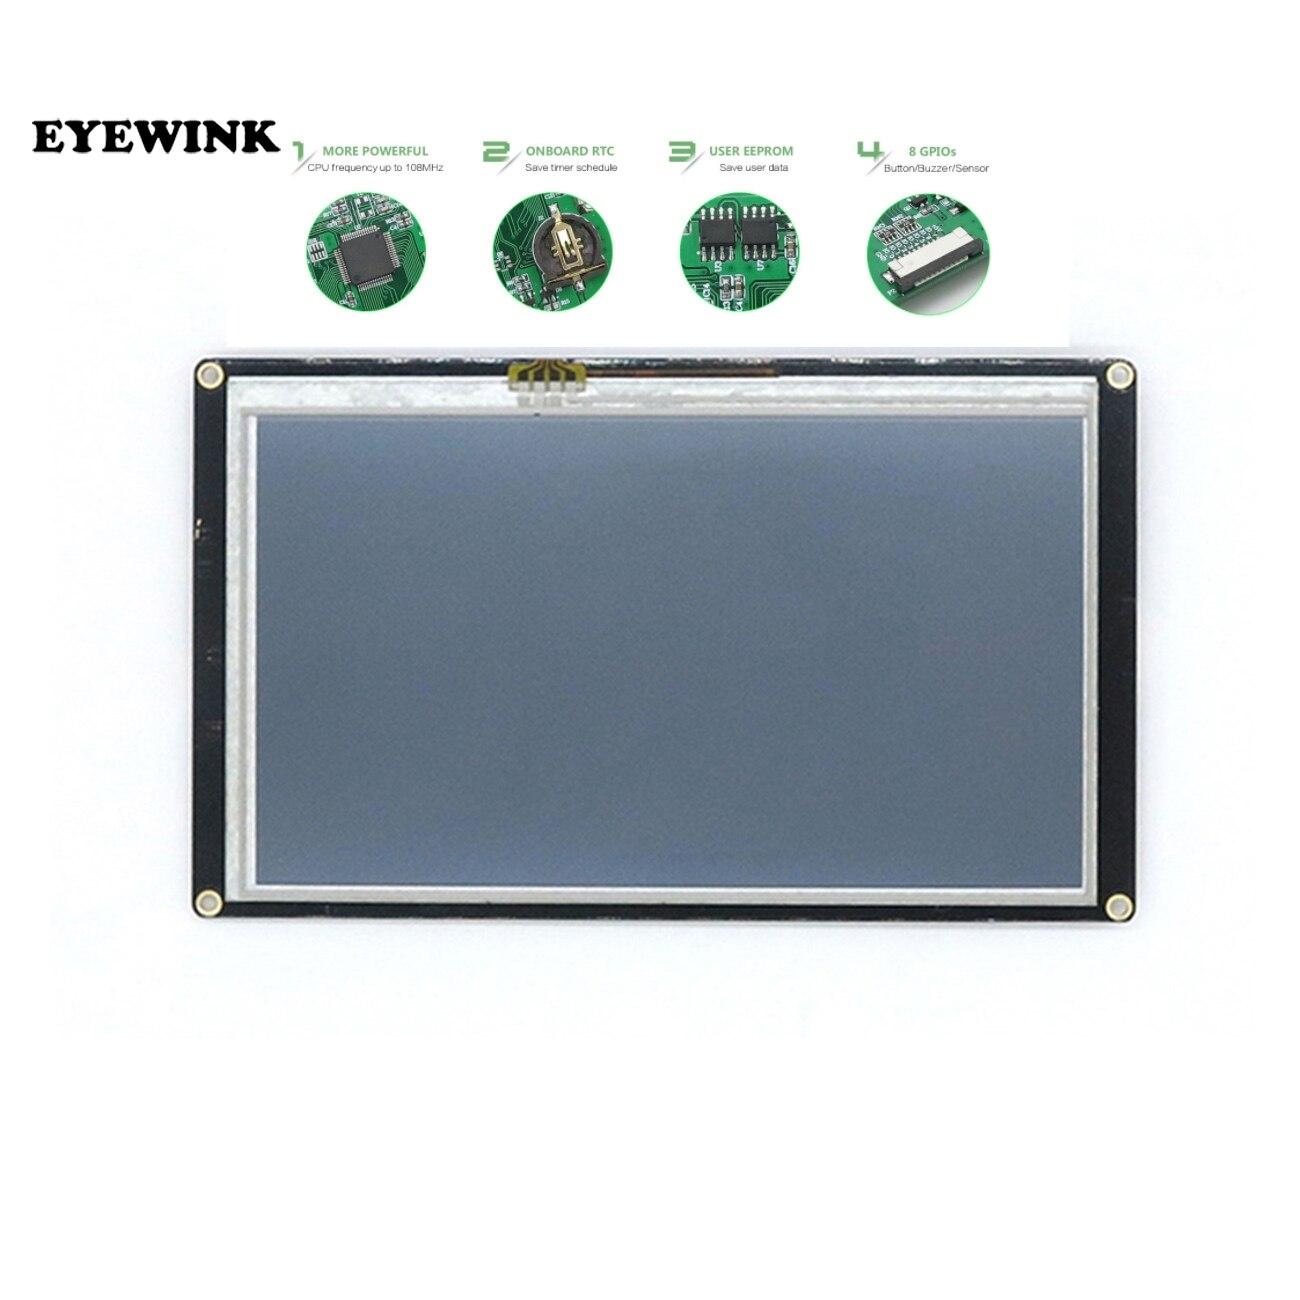 """7.0 """"Nextion Enhanced HMI inteligentny inteligentny USART szeregowy UART dotykowy moduł TFT LCD Panel wyświetlacza dla Raspberry Pi NX8048K070"""